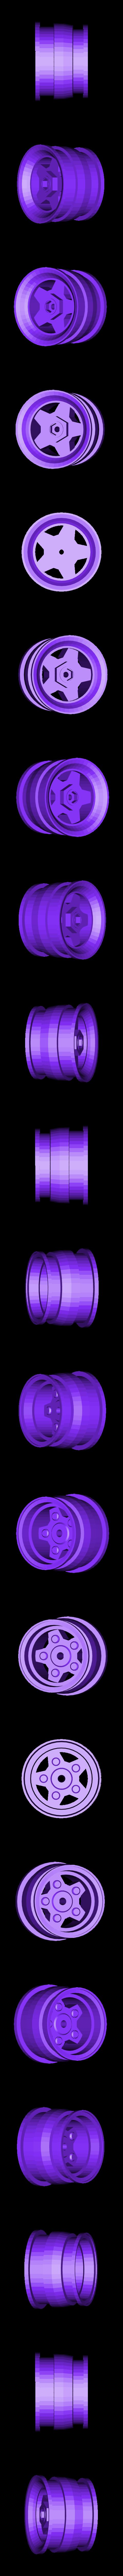 grasshopper_rearwheel.stl Télécharger fichier STL gratuit TAMIYA GRASSHOPPER 1:24 kit d'échelle pour SUBOTECH • Modèle à imprimer en 3D, 3dxl